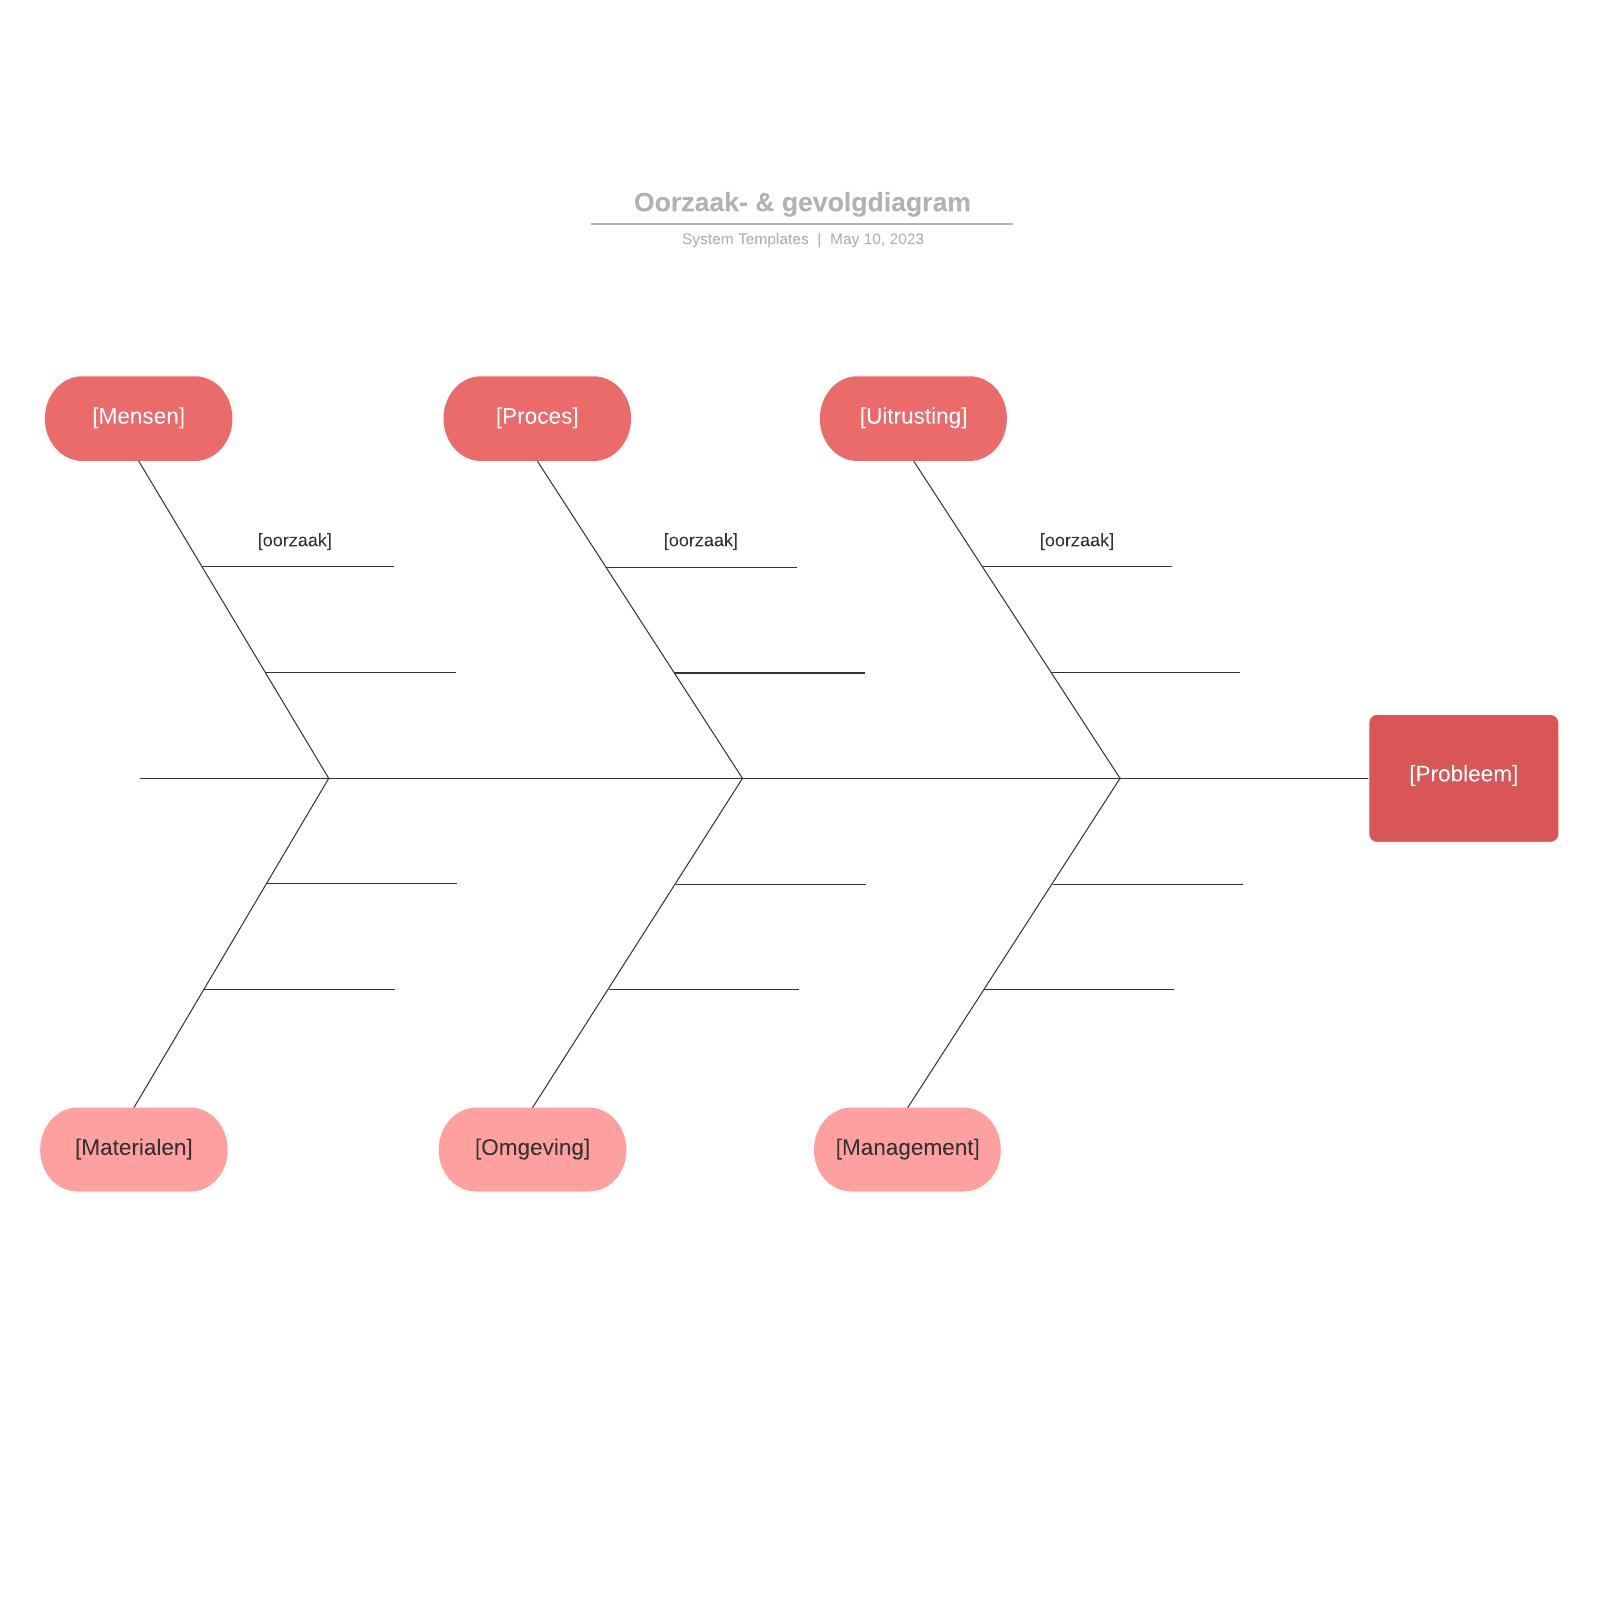 Oorzaak- & gevolgdiagram